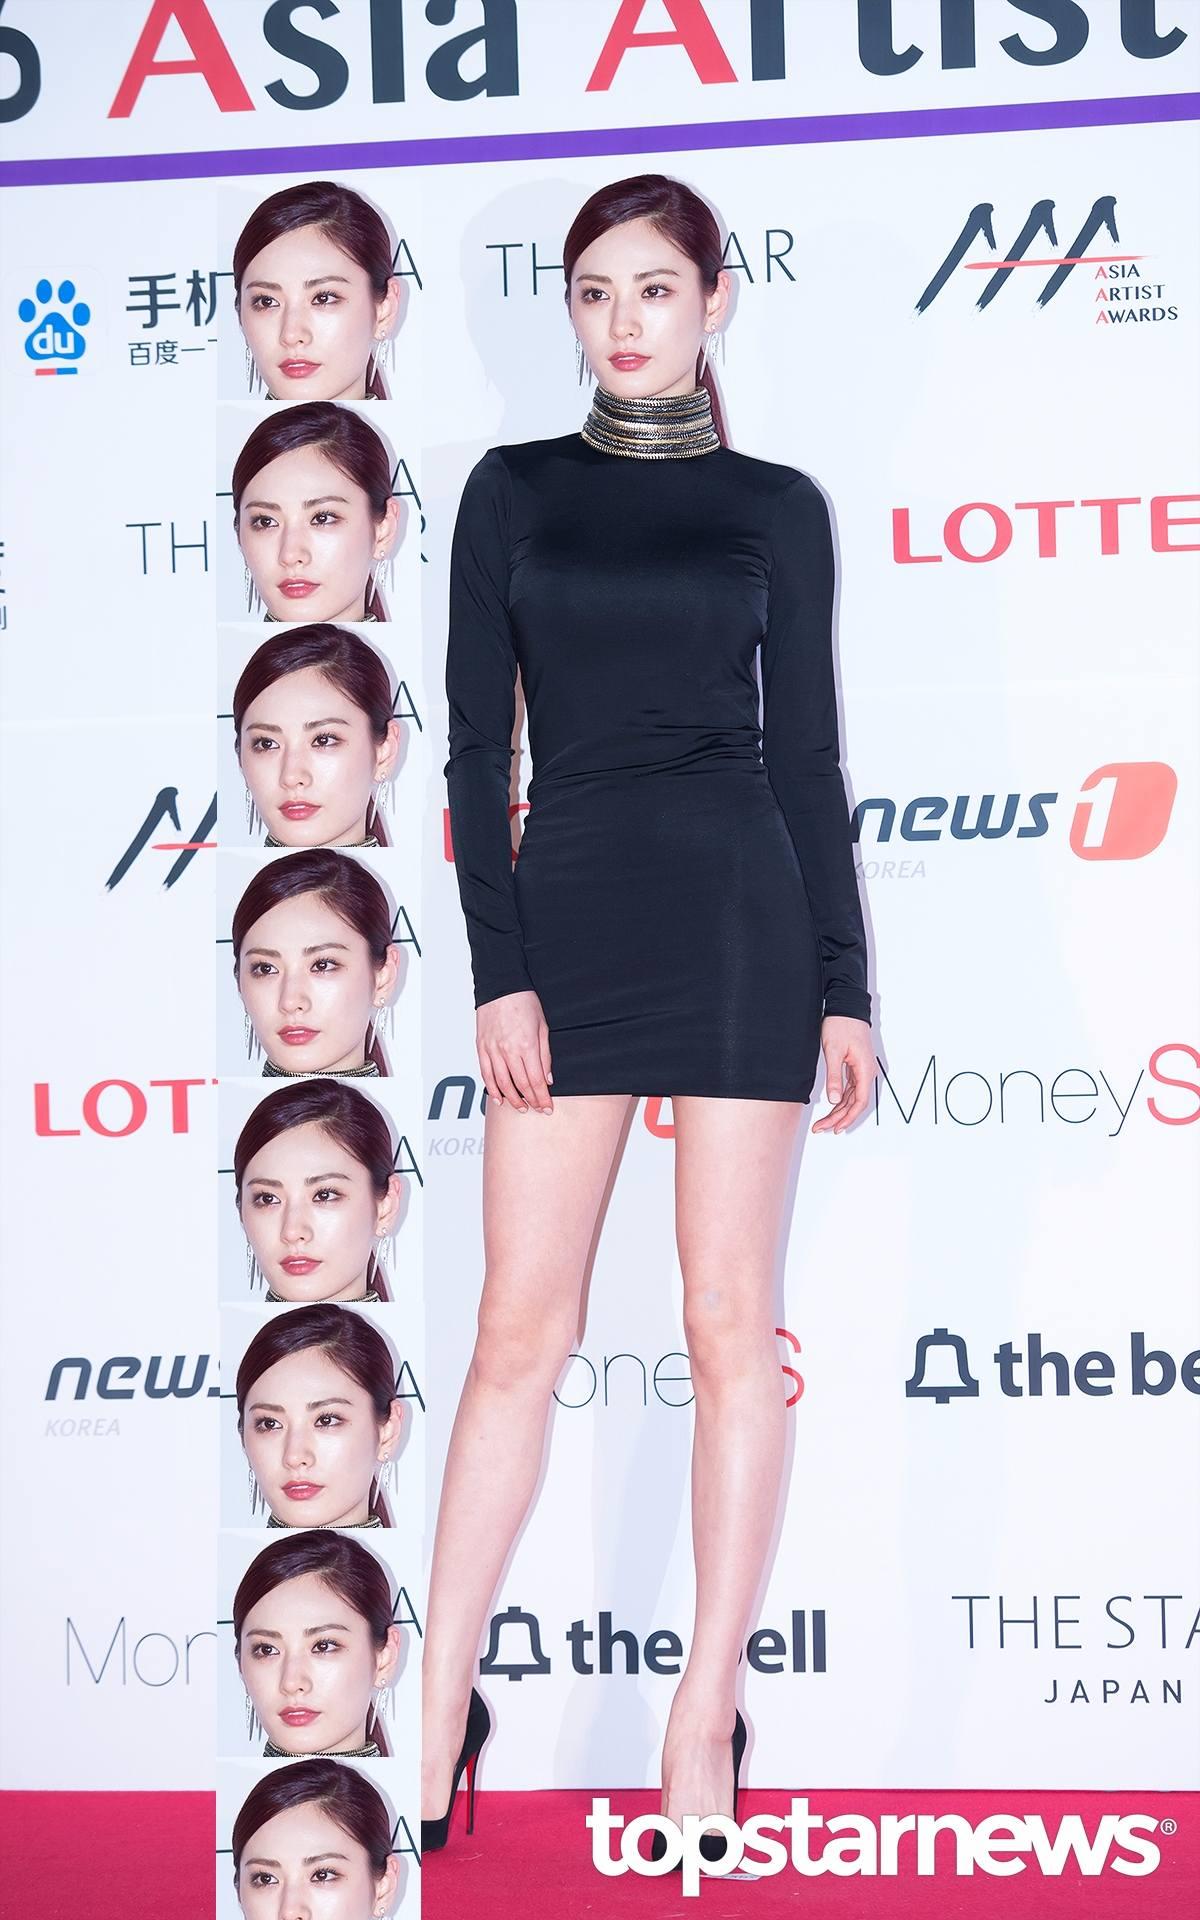 Nana去年獲得世界最美臉孔第3名,雖然不是冠軍依舊超威啊!性感和冷豔的氣息~~~ Nana身高有171公分,頭部比例小更是凸顯她身材比例好的關鍵阿